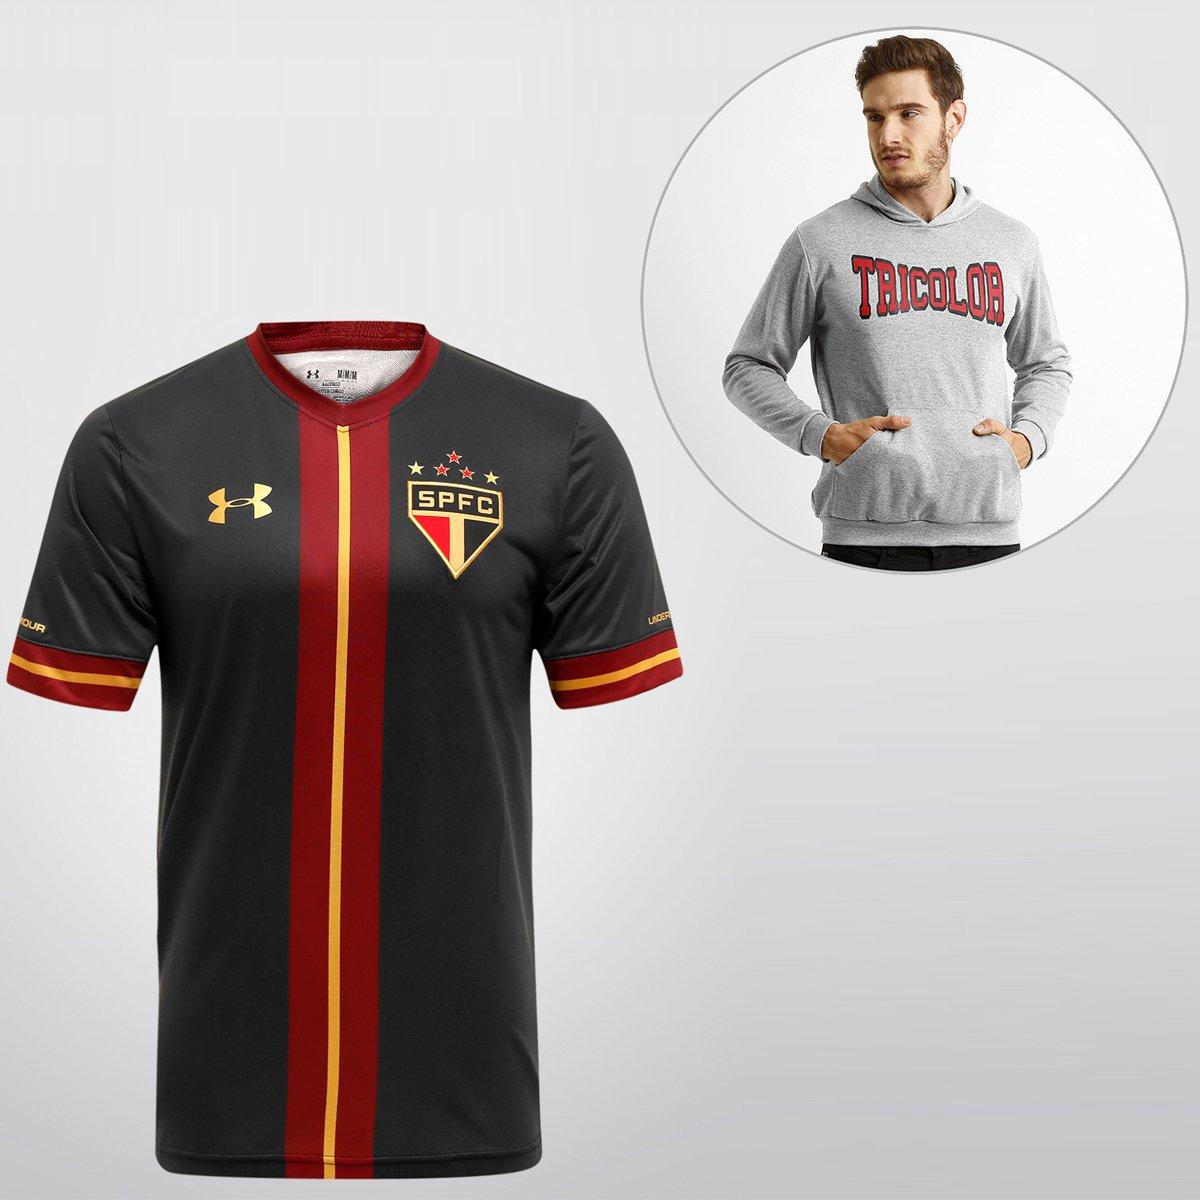 b0cdde069d8 Kit SPFC - Camisa Under Armour São Paulo III 15 16 s nº + Blusão College -  Compre Agora